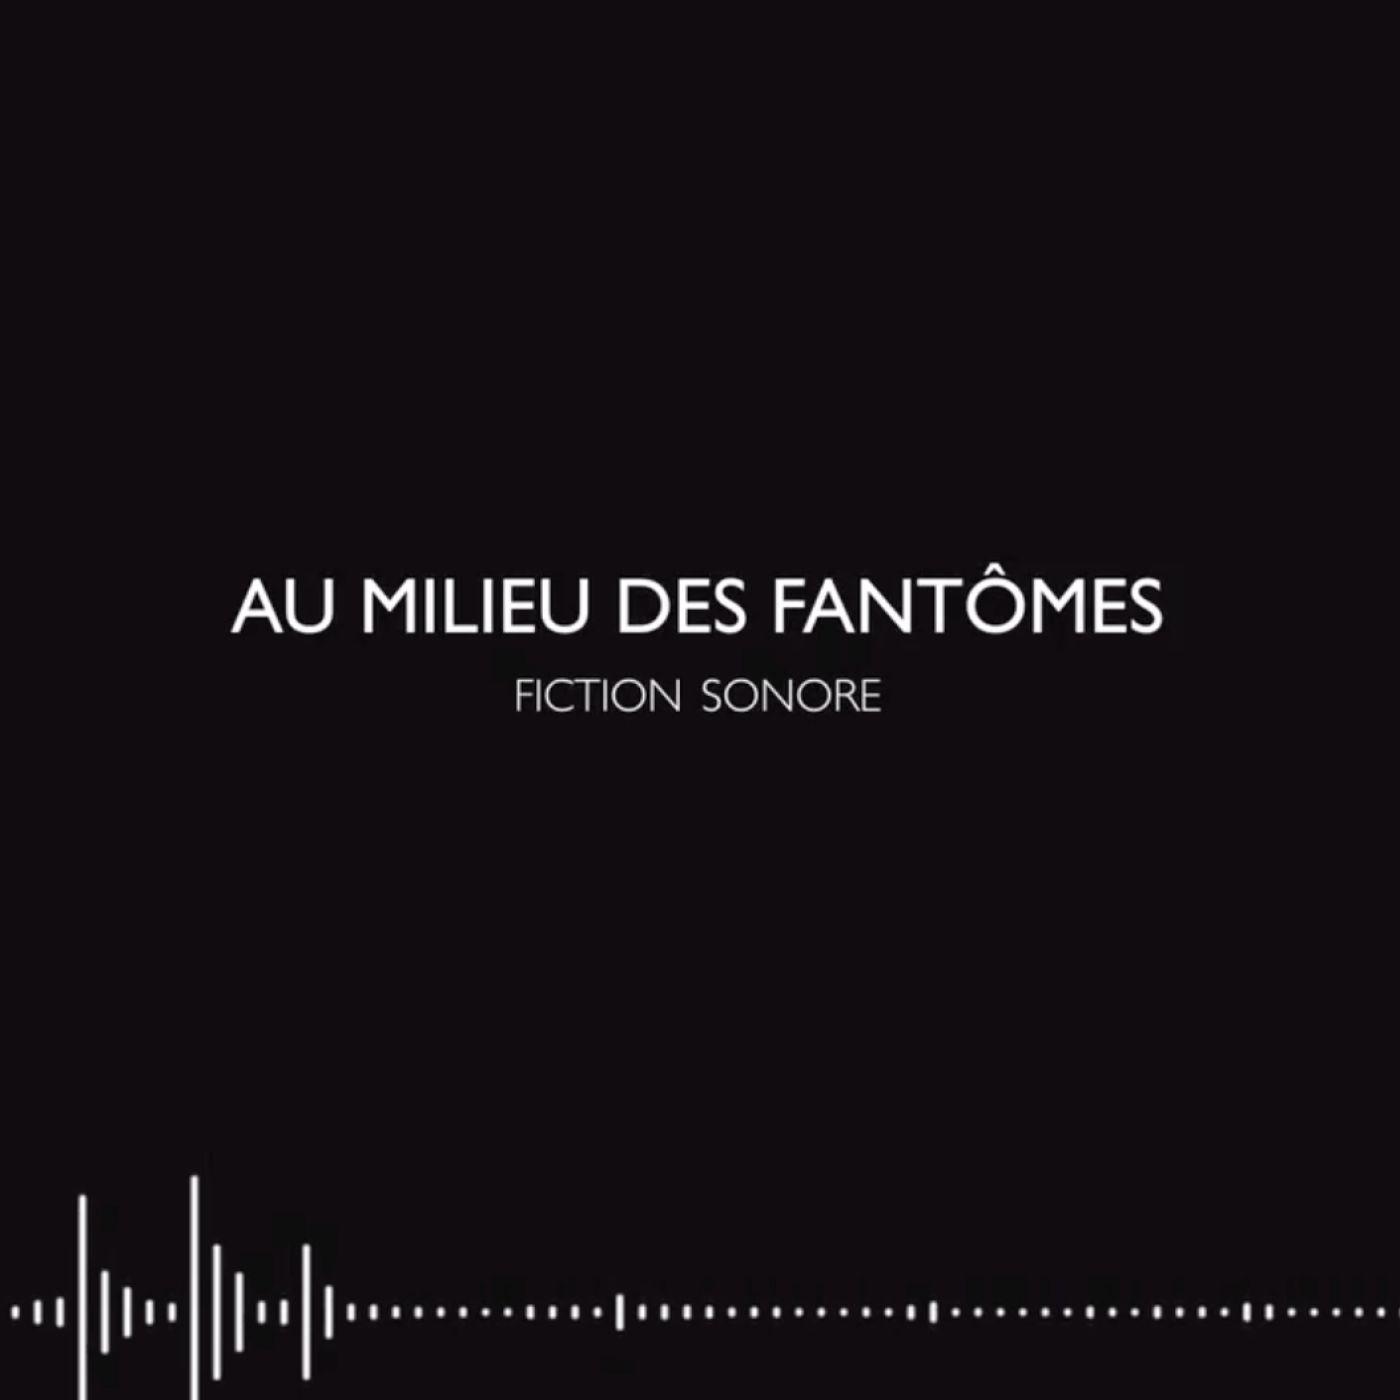 """E13 FICTION """"Au milieu des fantômes"""" Épisode 13"""